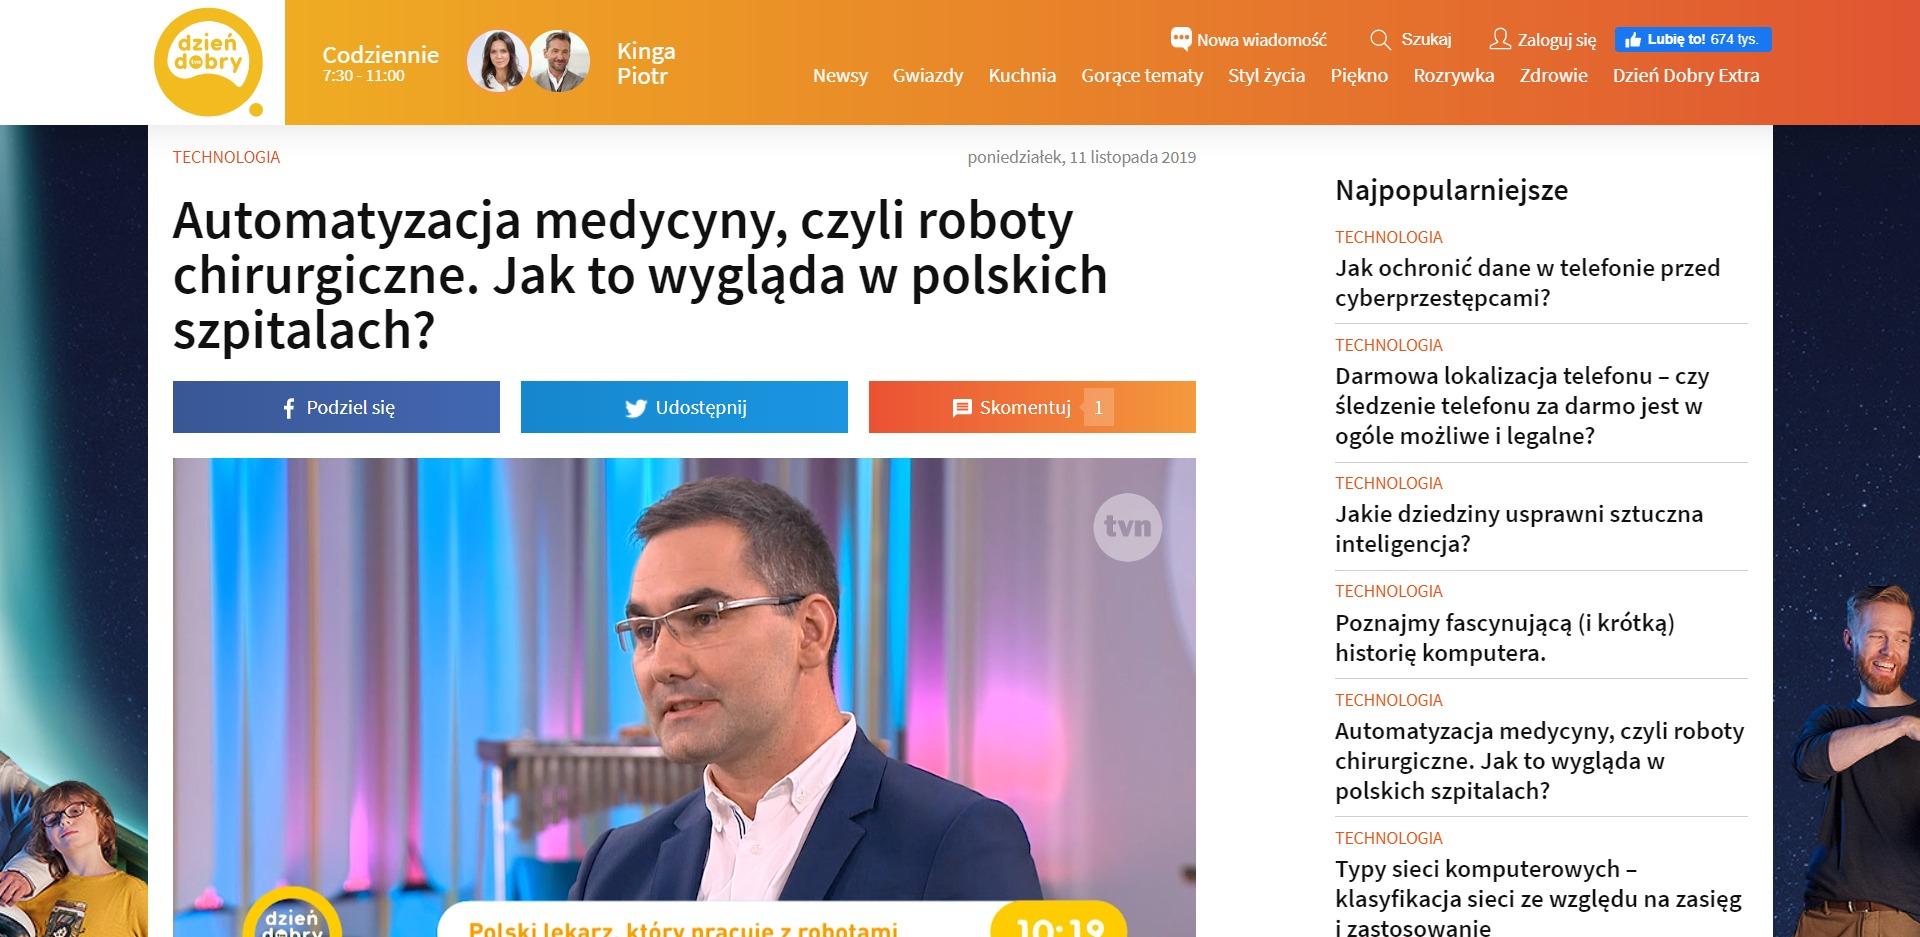 Automatyzacja medycyny, czyli roboty chirurgiczne. Jak to wygląda w polskich szpitalach